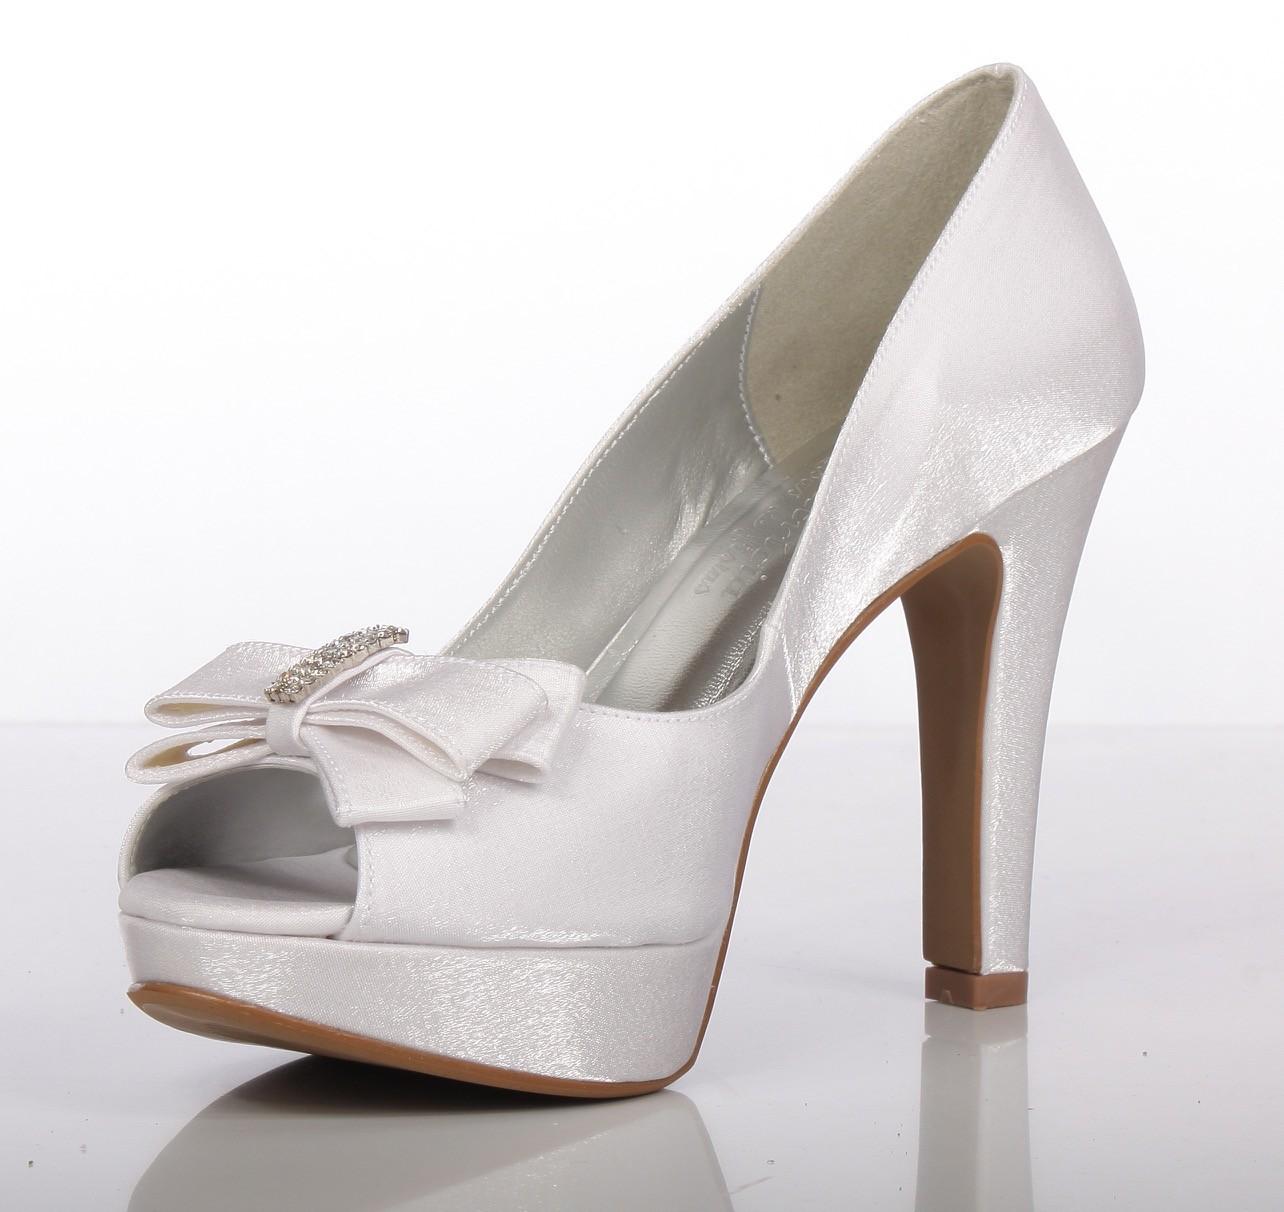 ef38261be Sapatos de noiva  os 5 melhores modelos para casamento